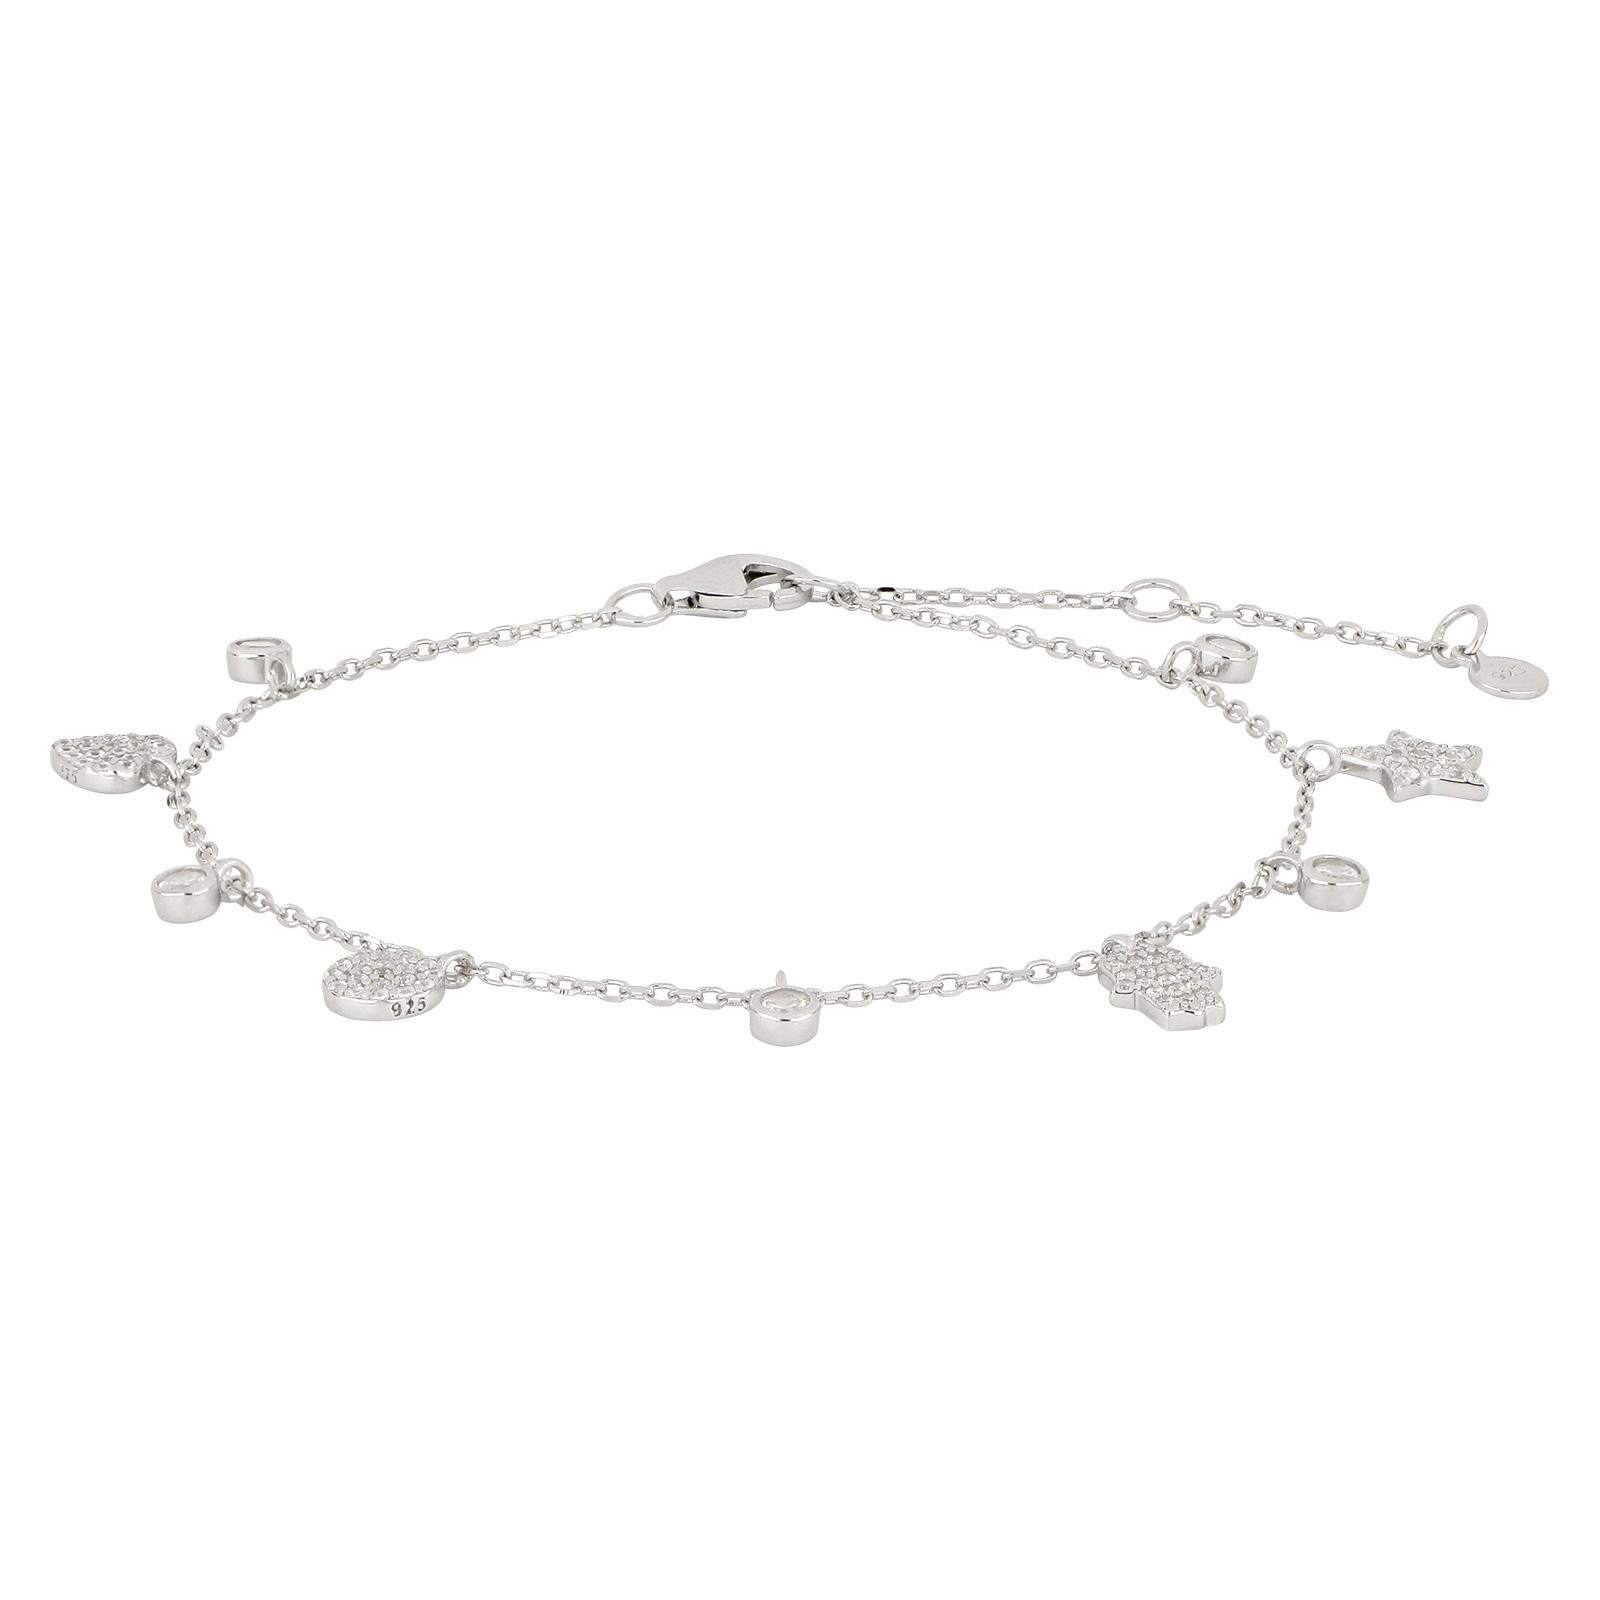 sølv armbånd med små vedhæng med zirkoner fra Joanli Nor